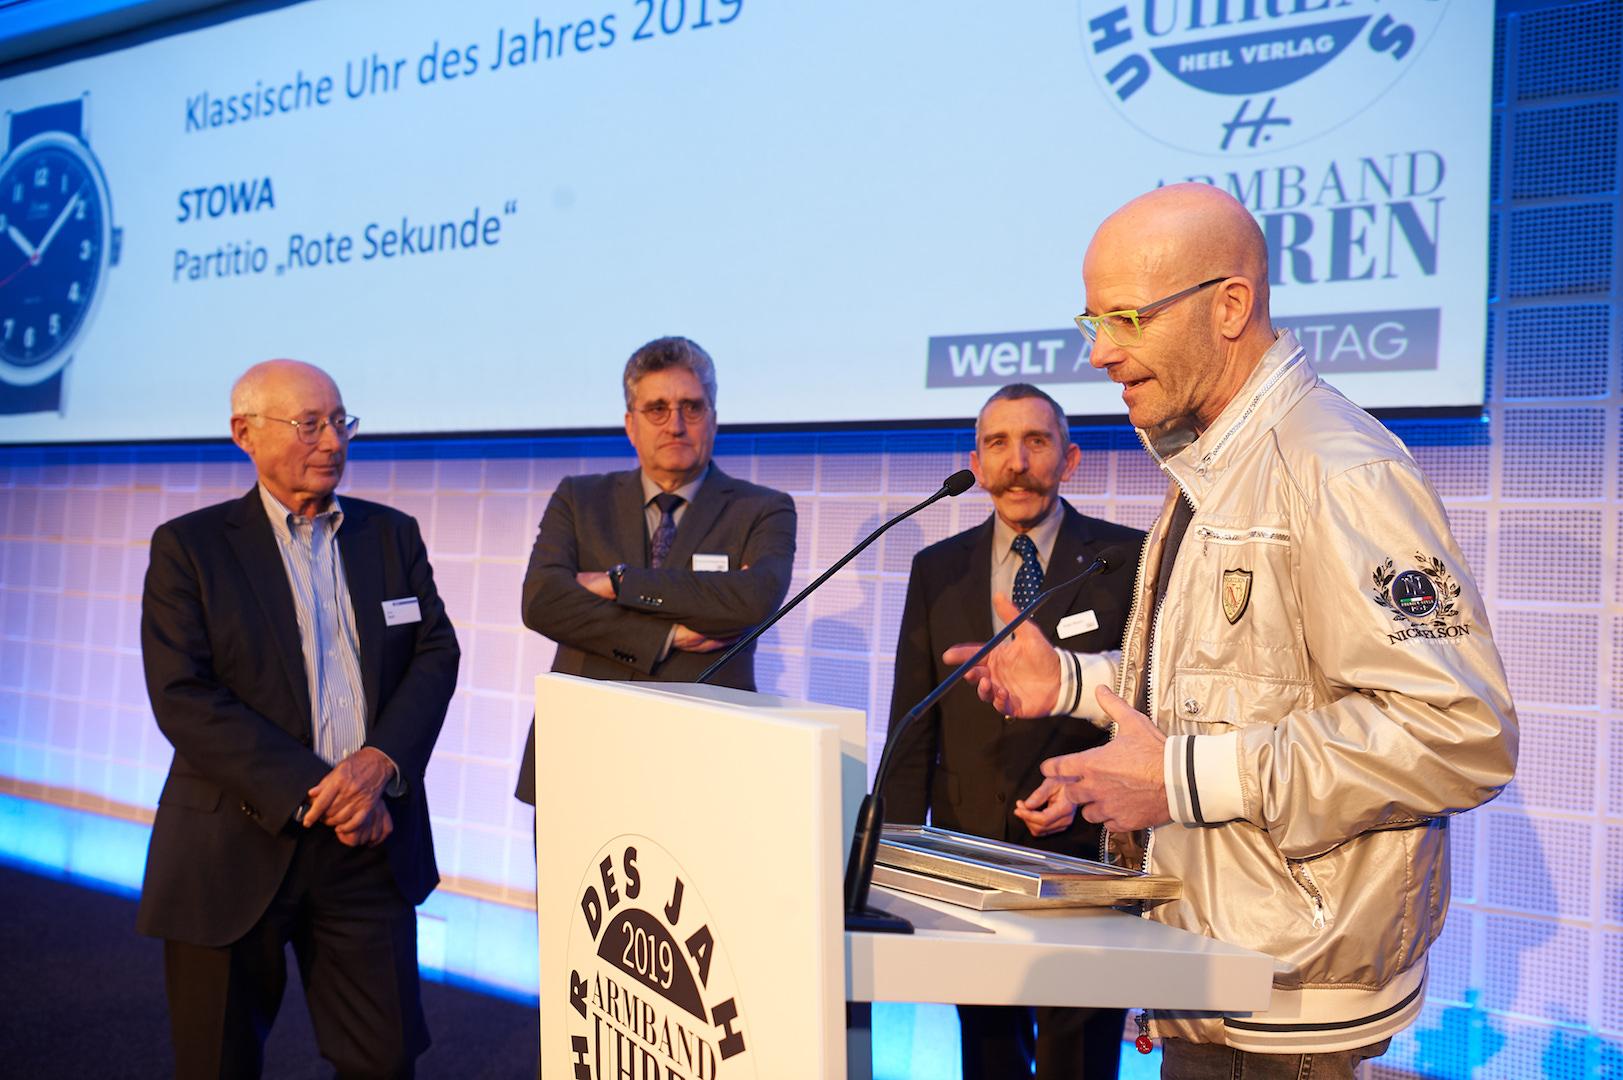 Die Leser von ARMBANDUHREN, WELT am SONNTAG und ICON wählten die Stowa Partitio zur Klassischen Uhr des Jahres. Firmeninhaber Jörg Schauer bedankte sich mit einer kurzen Rede zu «schönen Uhren aus dem Schwarzwald» für die Auszeichnung.